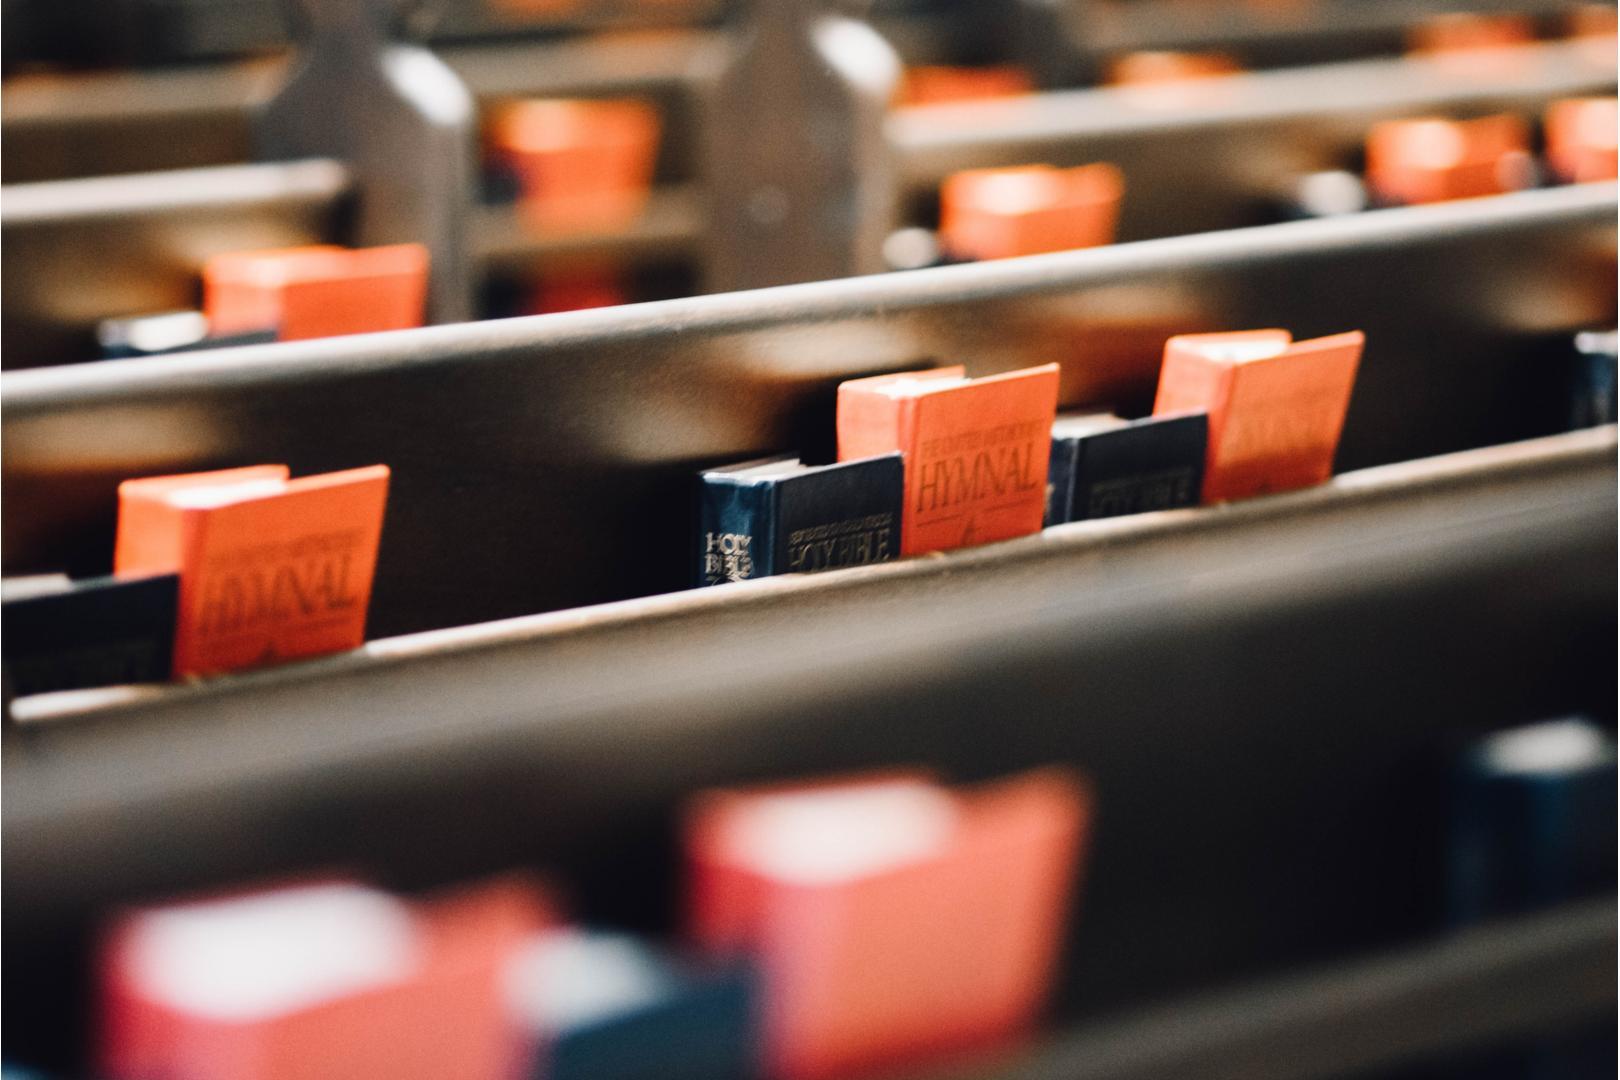 Kirchenbänke (c) www.pixabay.com